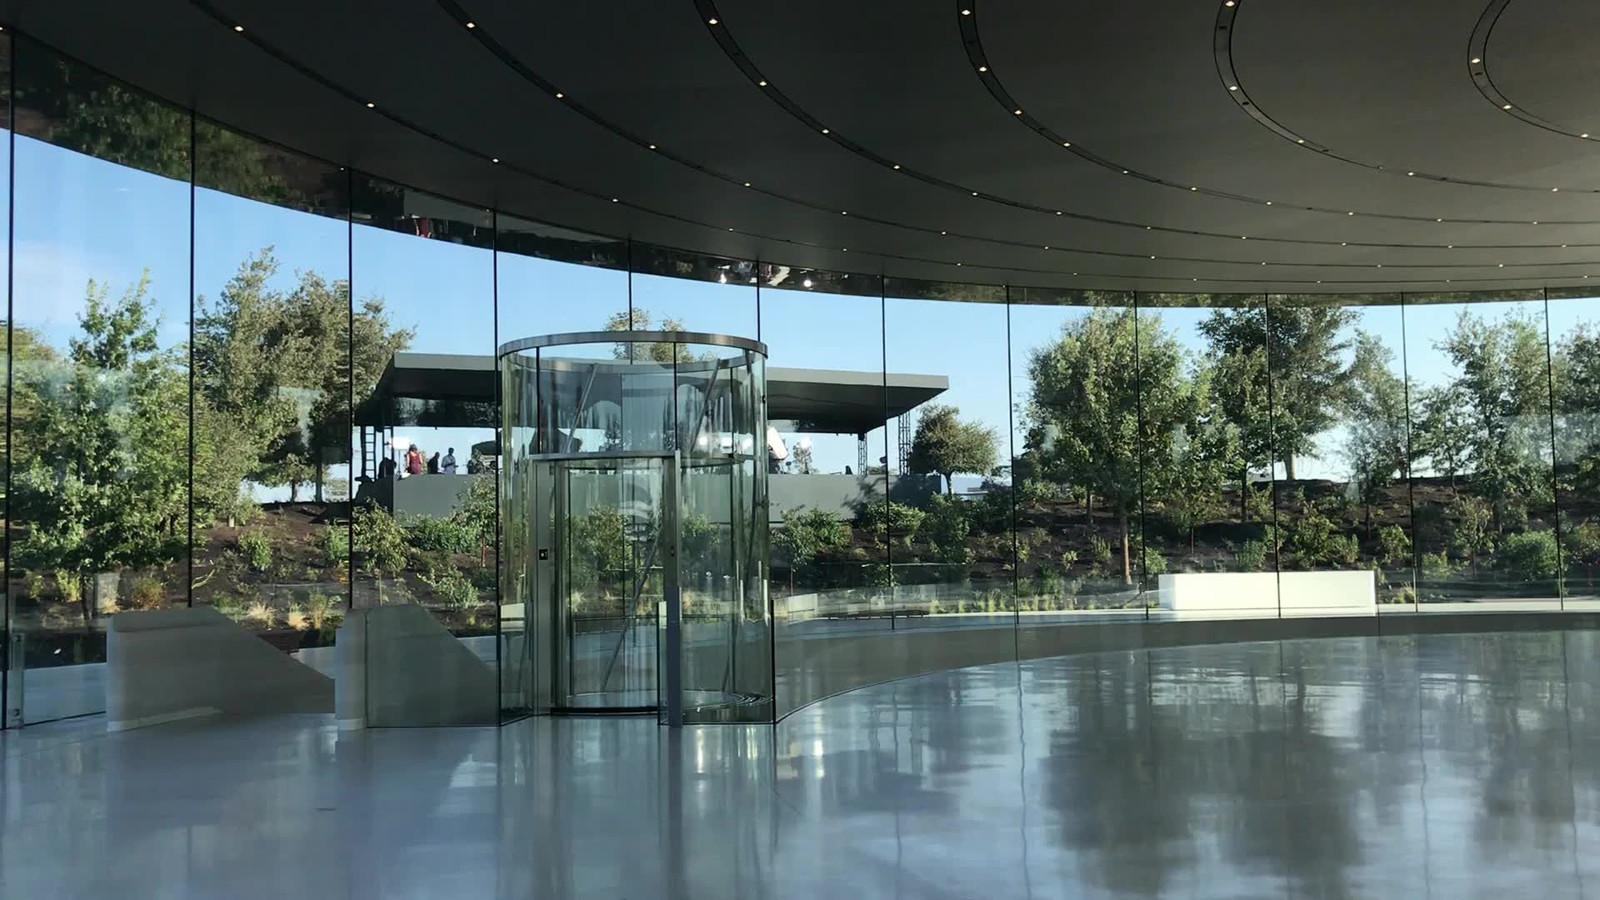 Het Steve Jobs Theater met de glazen lift uit de keuken van het bedrijf uit Meppel. De lift kan 12 meter omhoog en omlaag en beweegt in een spiraal.